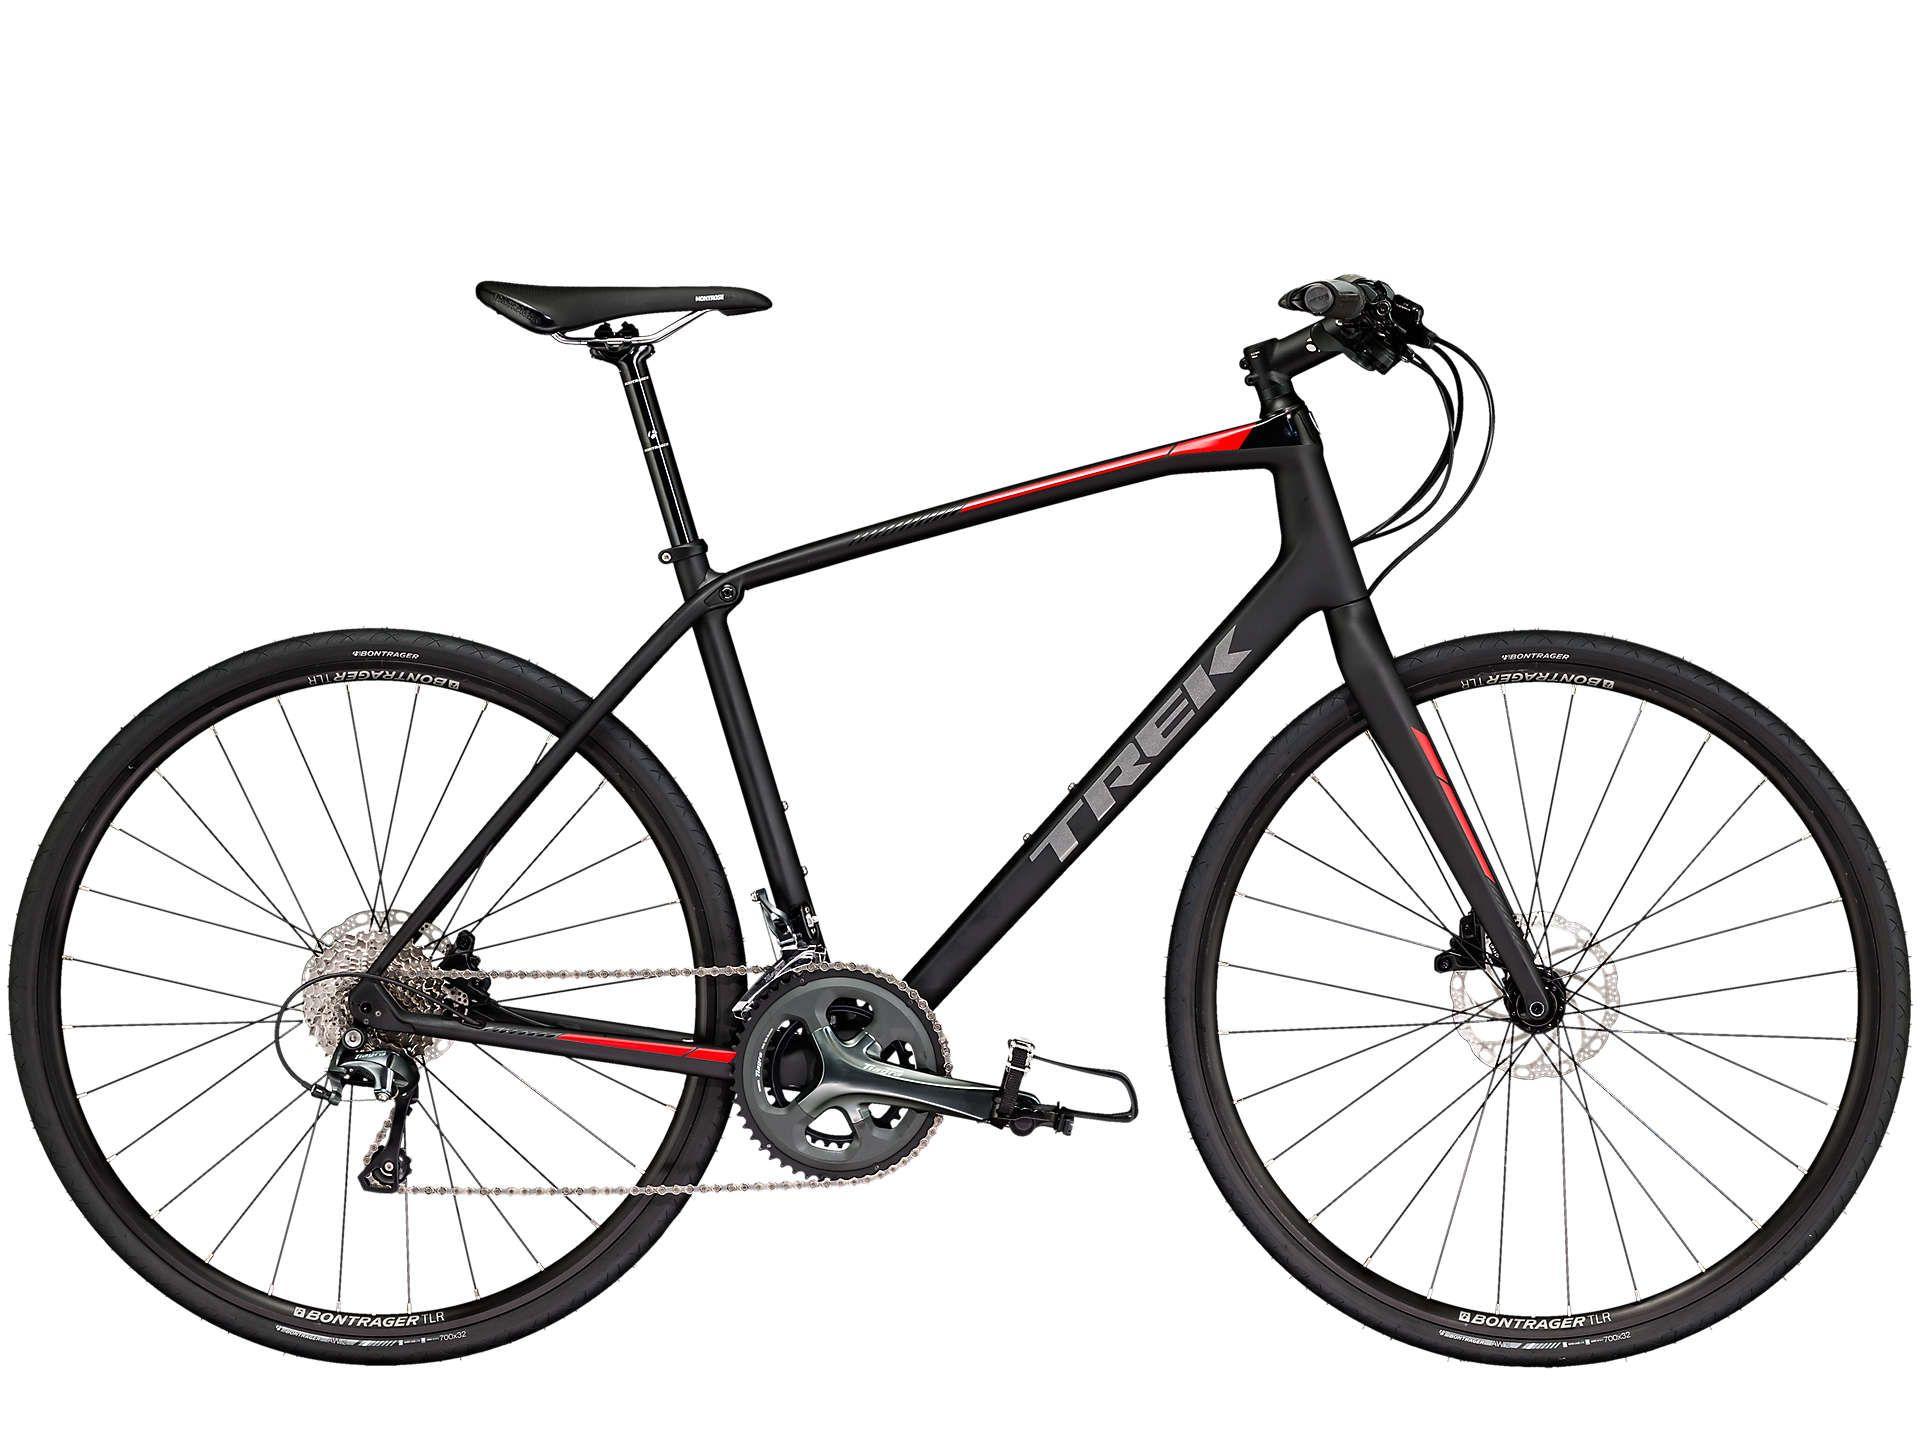 Fx Sport 5 Trek Bikes Trek Bikes Bicycle Kids Bicycle